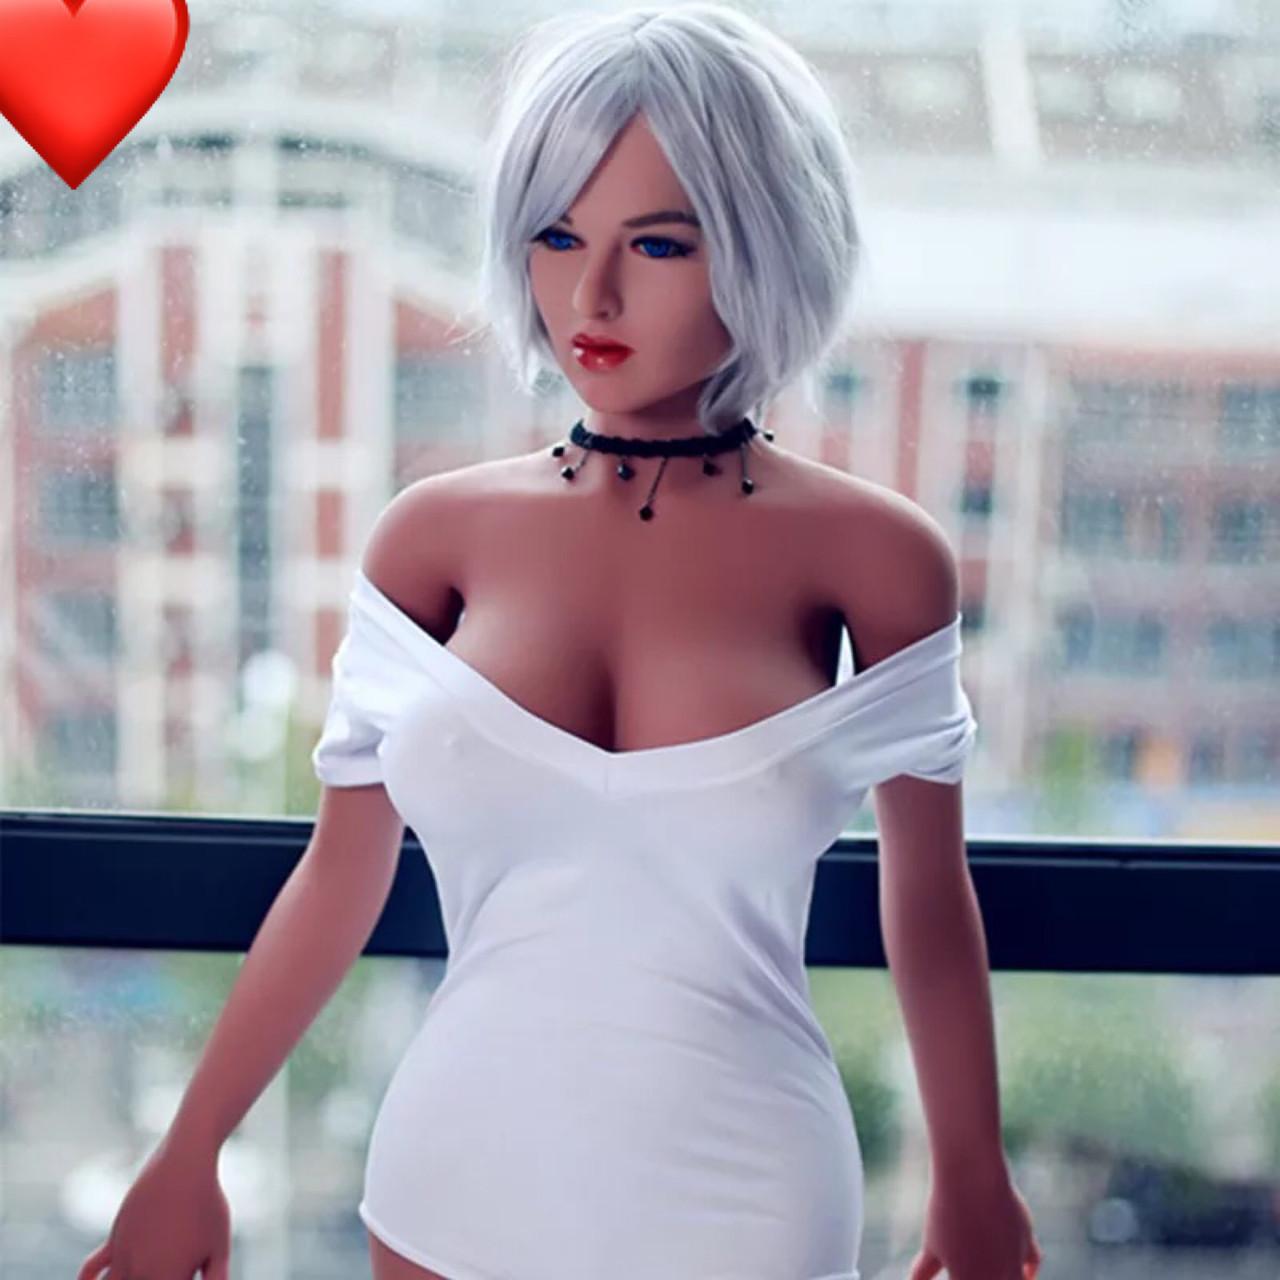 Реалистичная секс-кукла